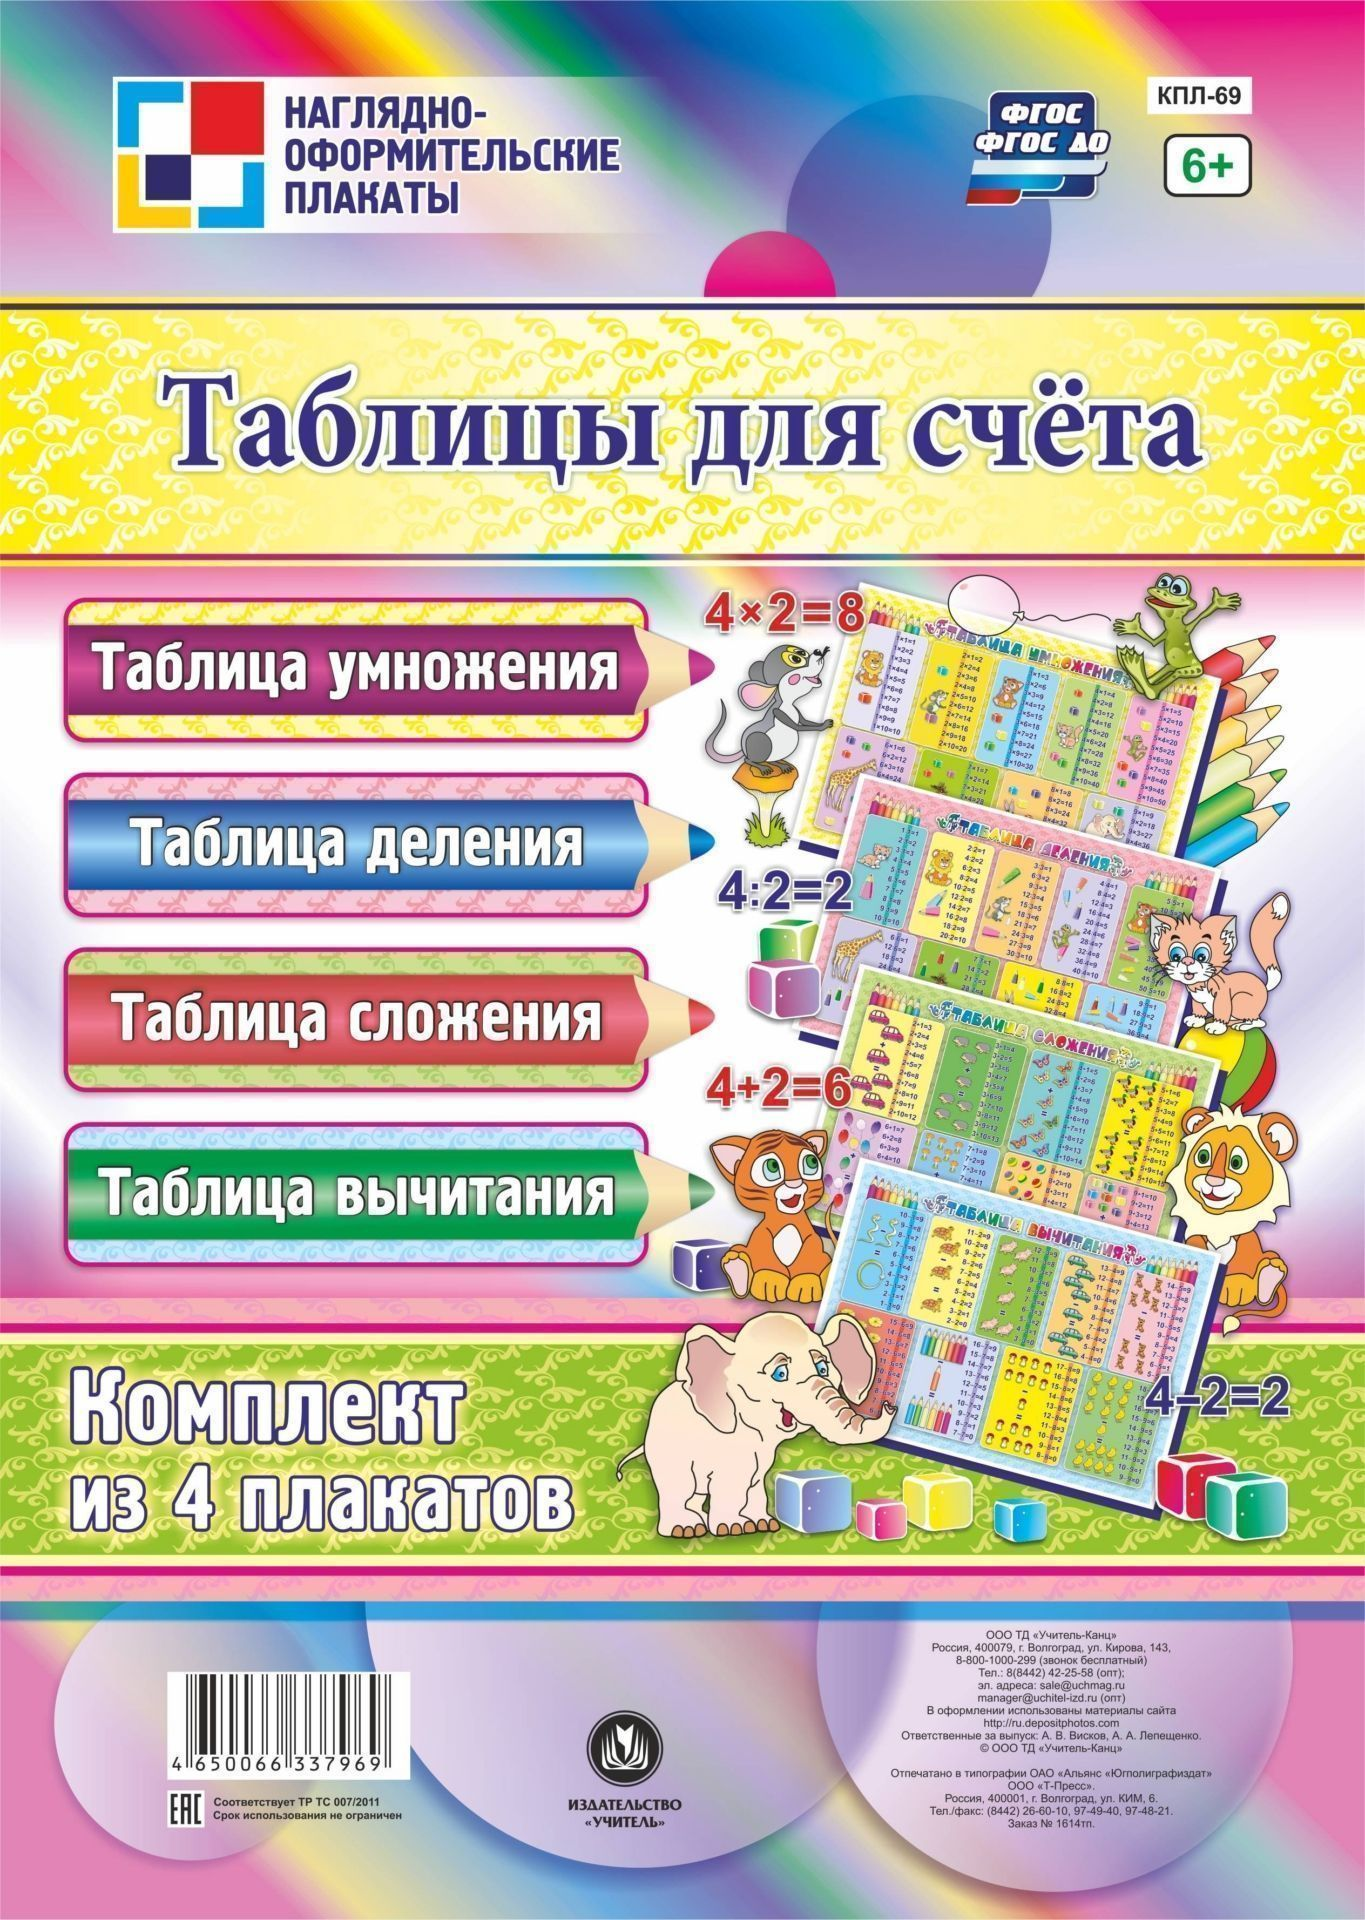 Комплект плакатов  Таблицы для счёта: (4 плаката : Таблица умножения, сложения, деления, вычитания)